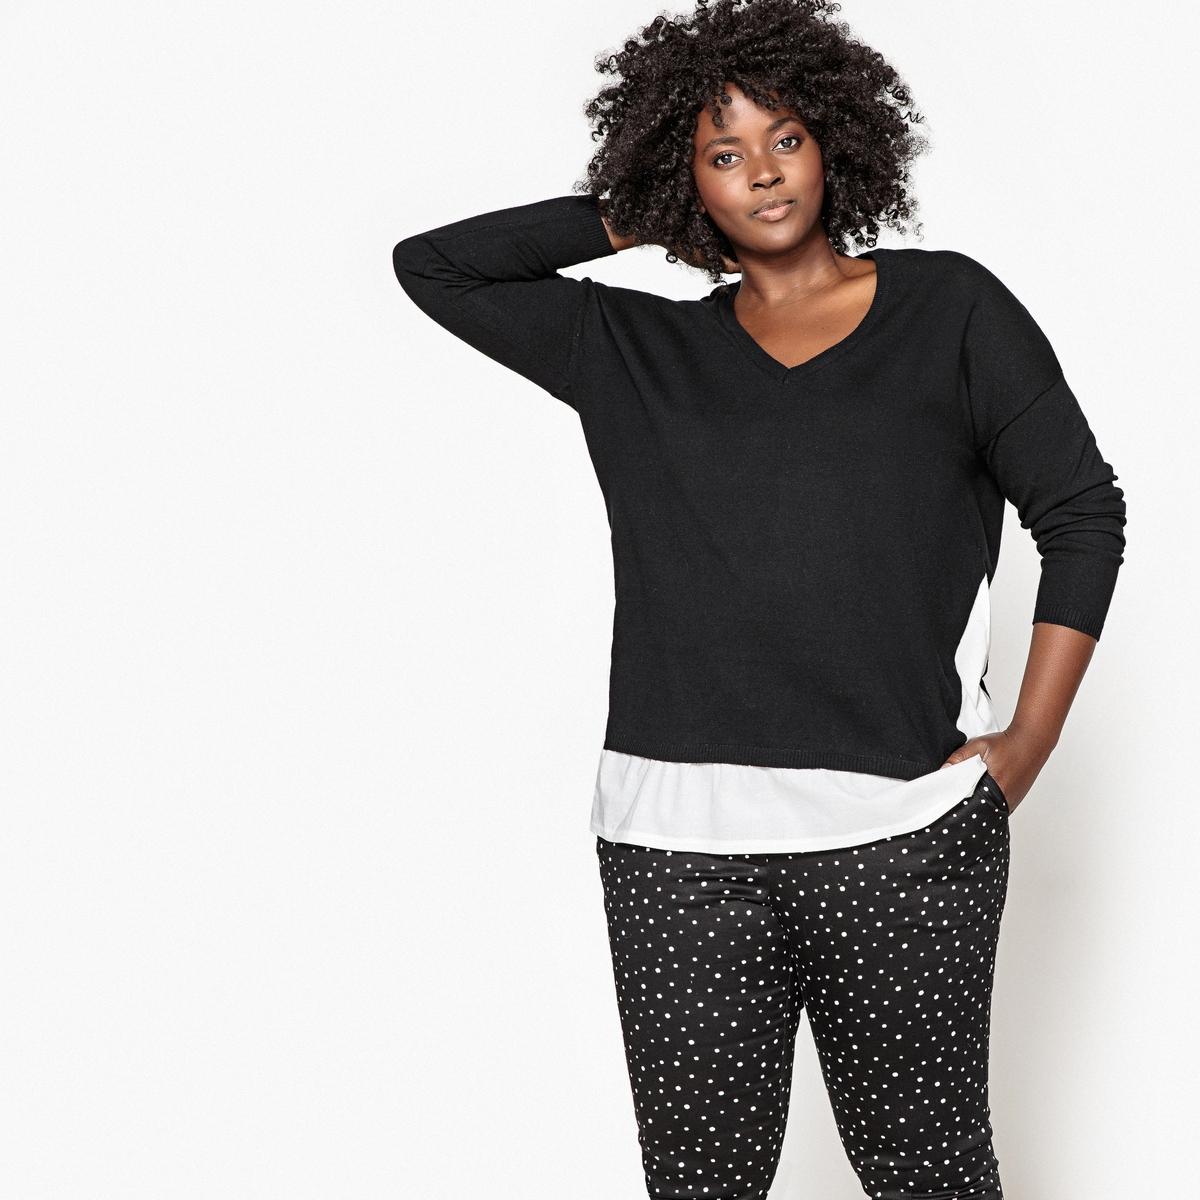 Sweter z dekoltem w kształcie litery V wykonany z dwóch rodzajów materiału